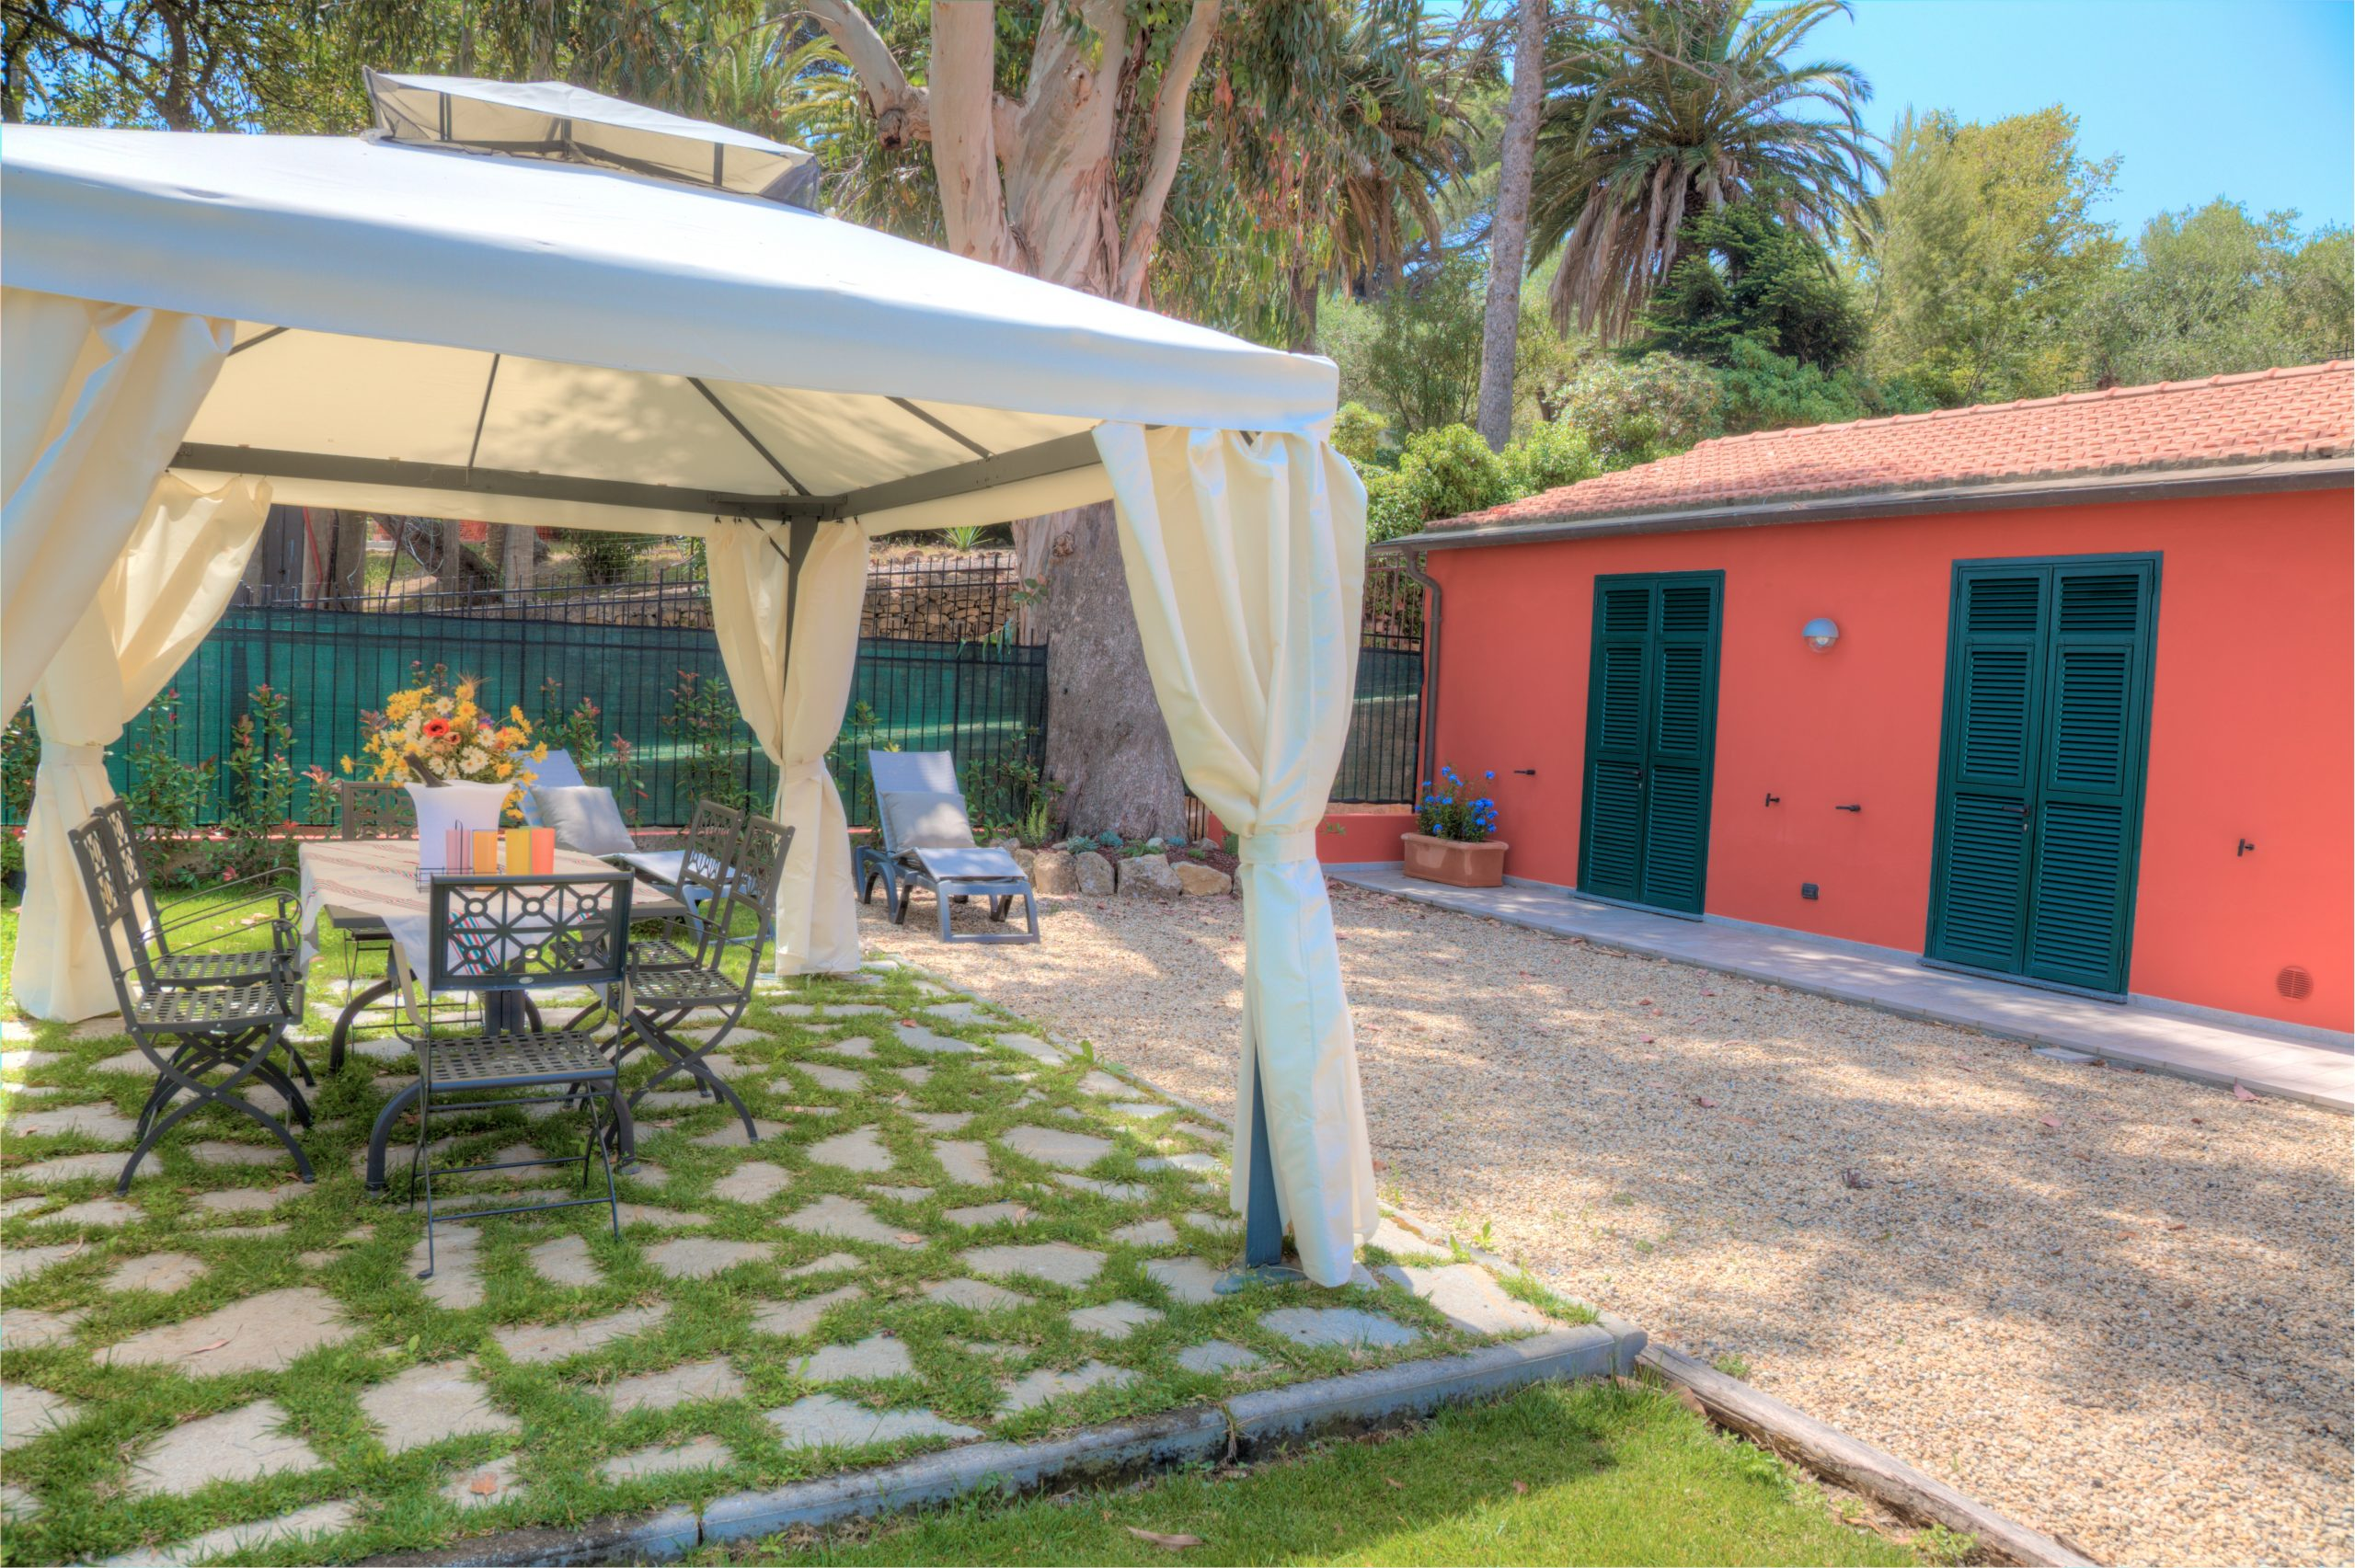 Casa-Geranio-IMG_0798_799_800_tonemapped